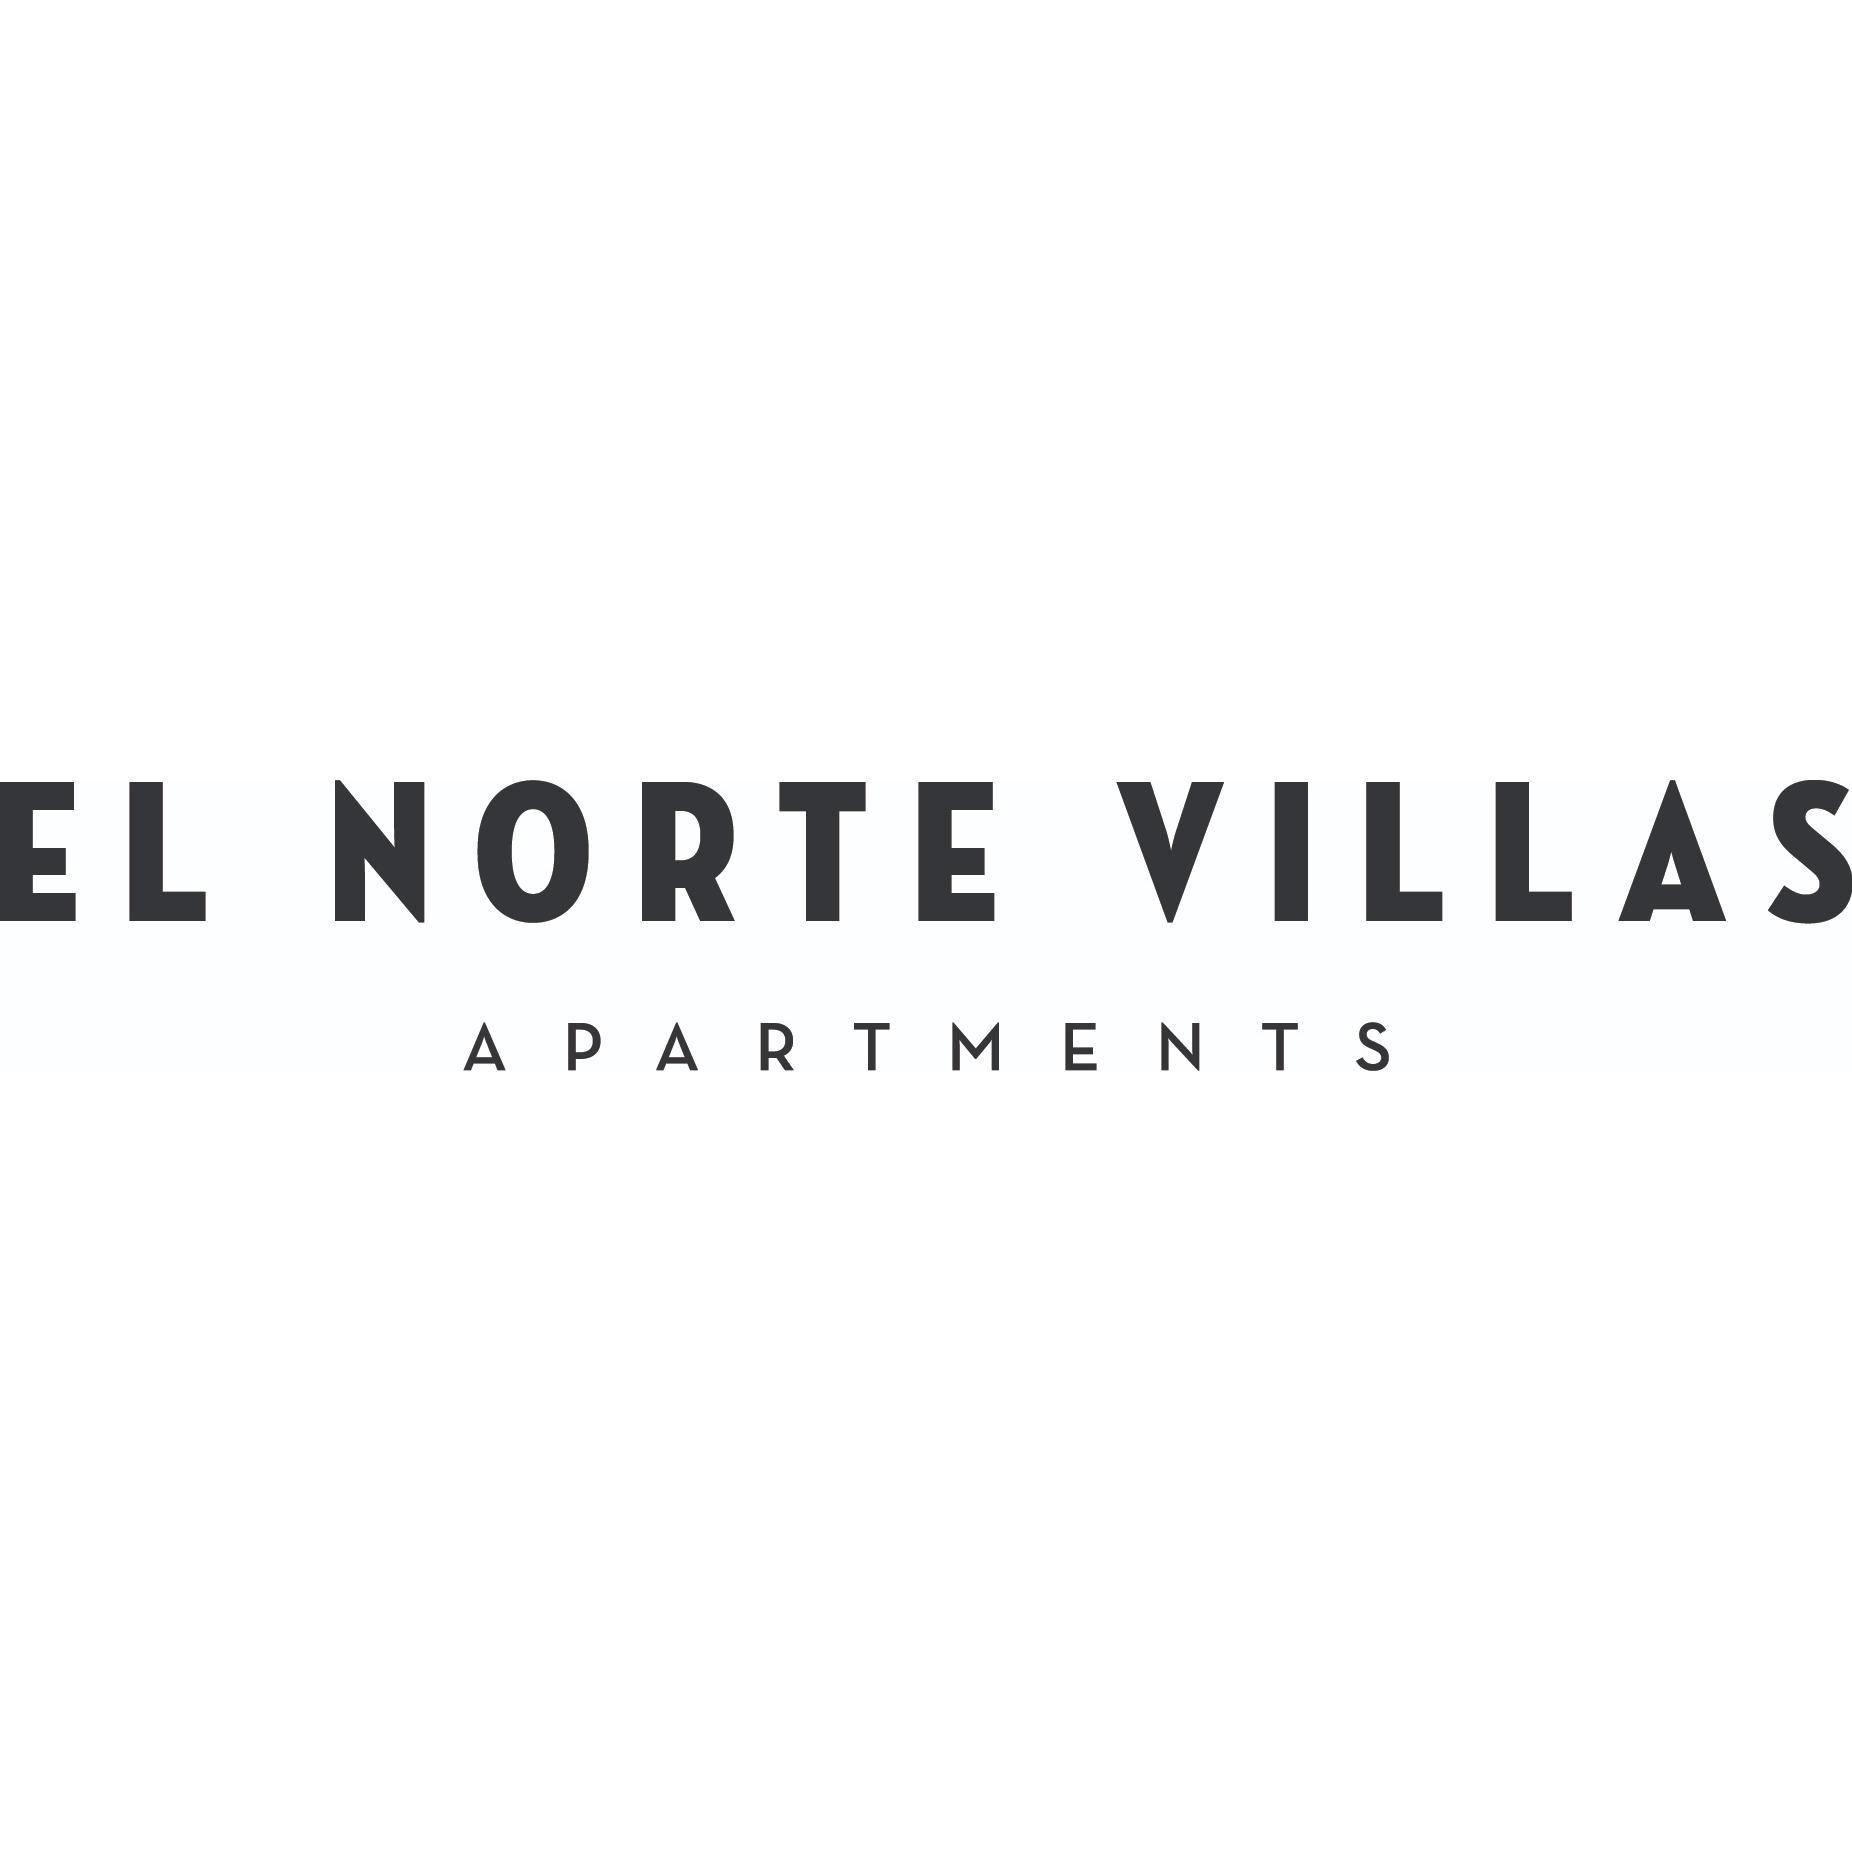 El Norte Villas image 11